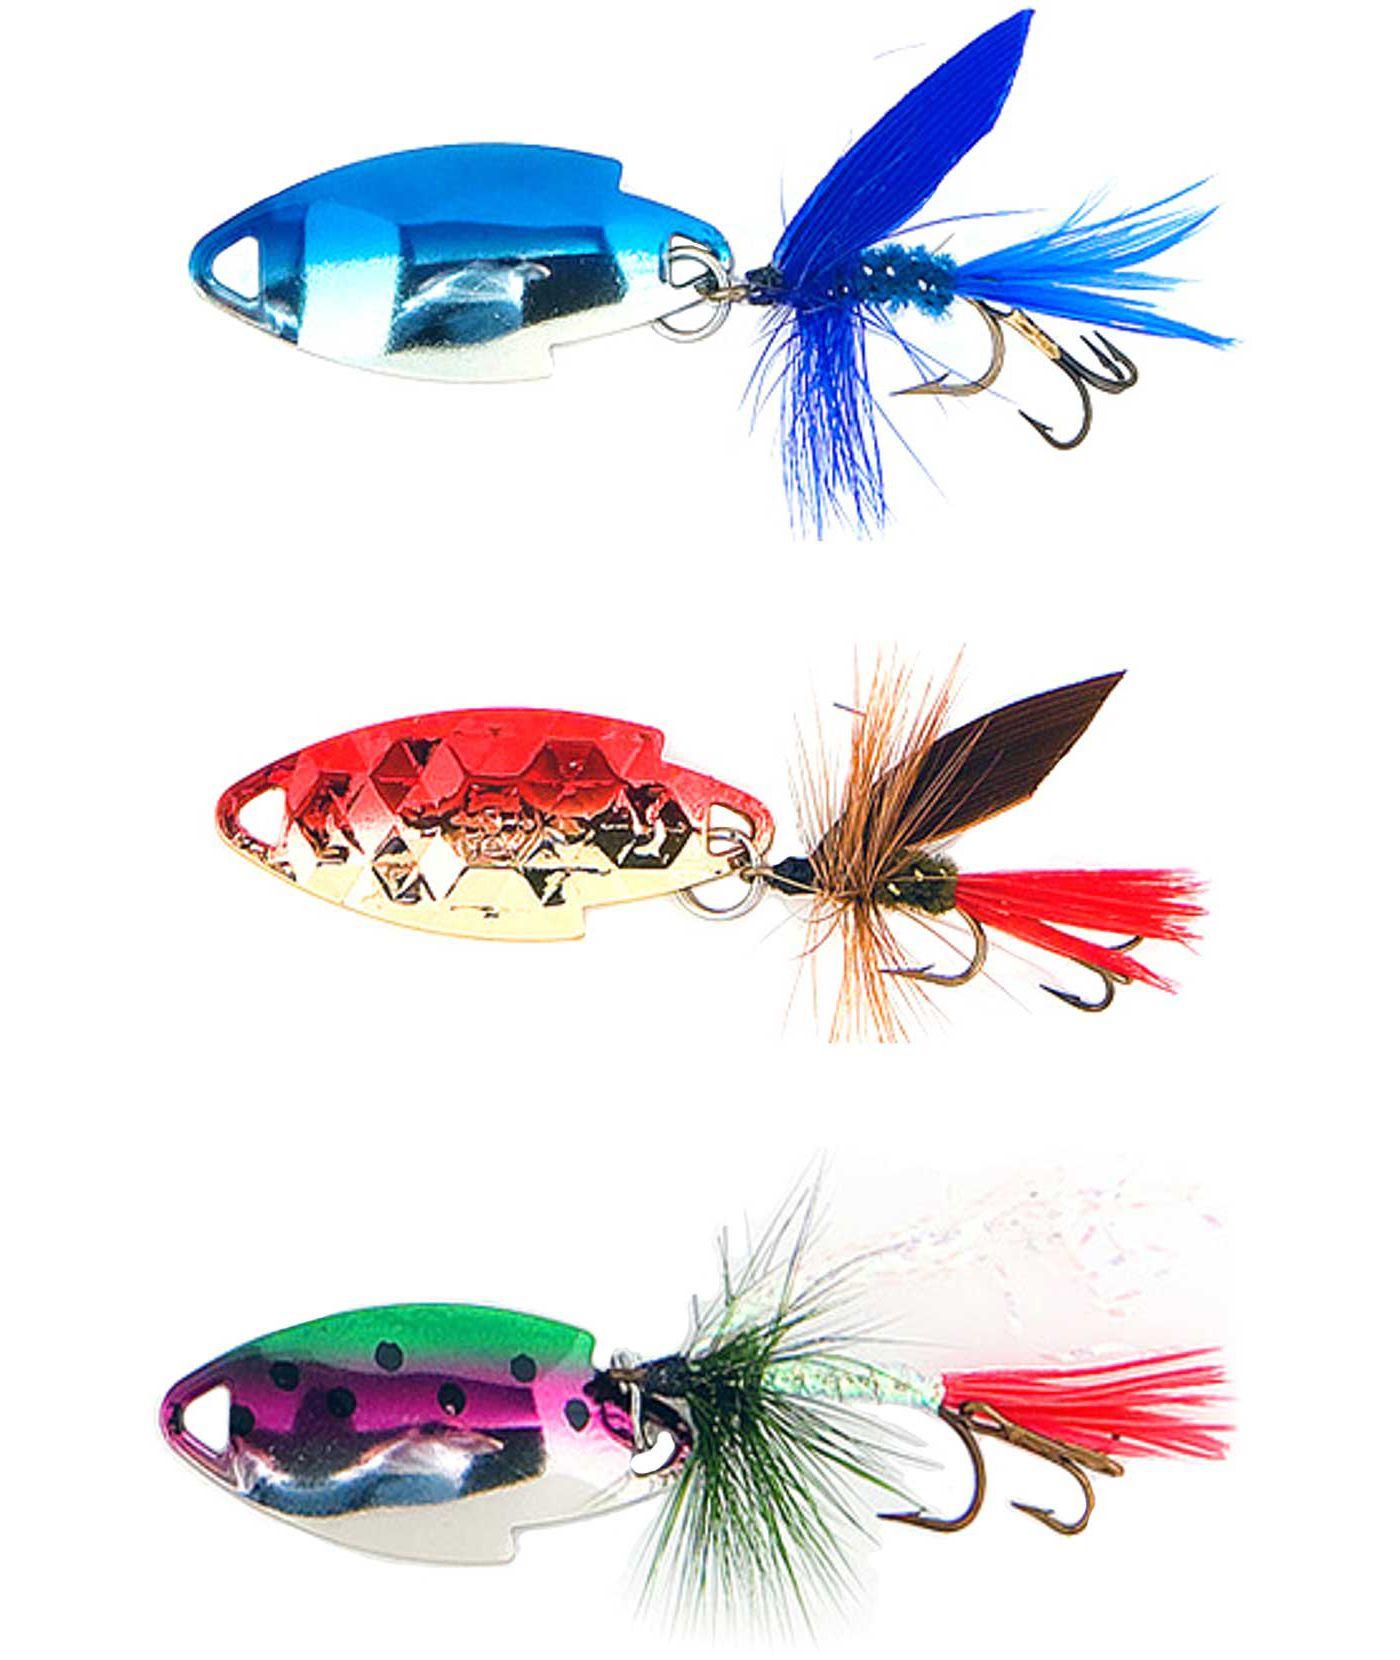 Joe's Flies Spoon Striker Series Lures - 3 Pack